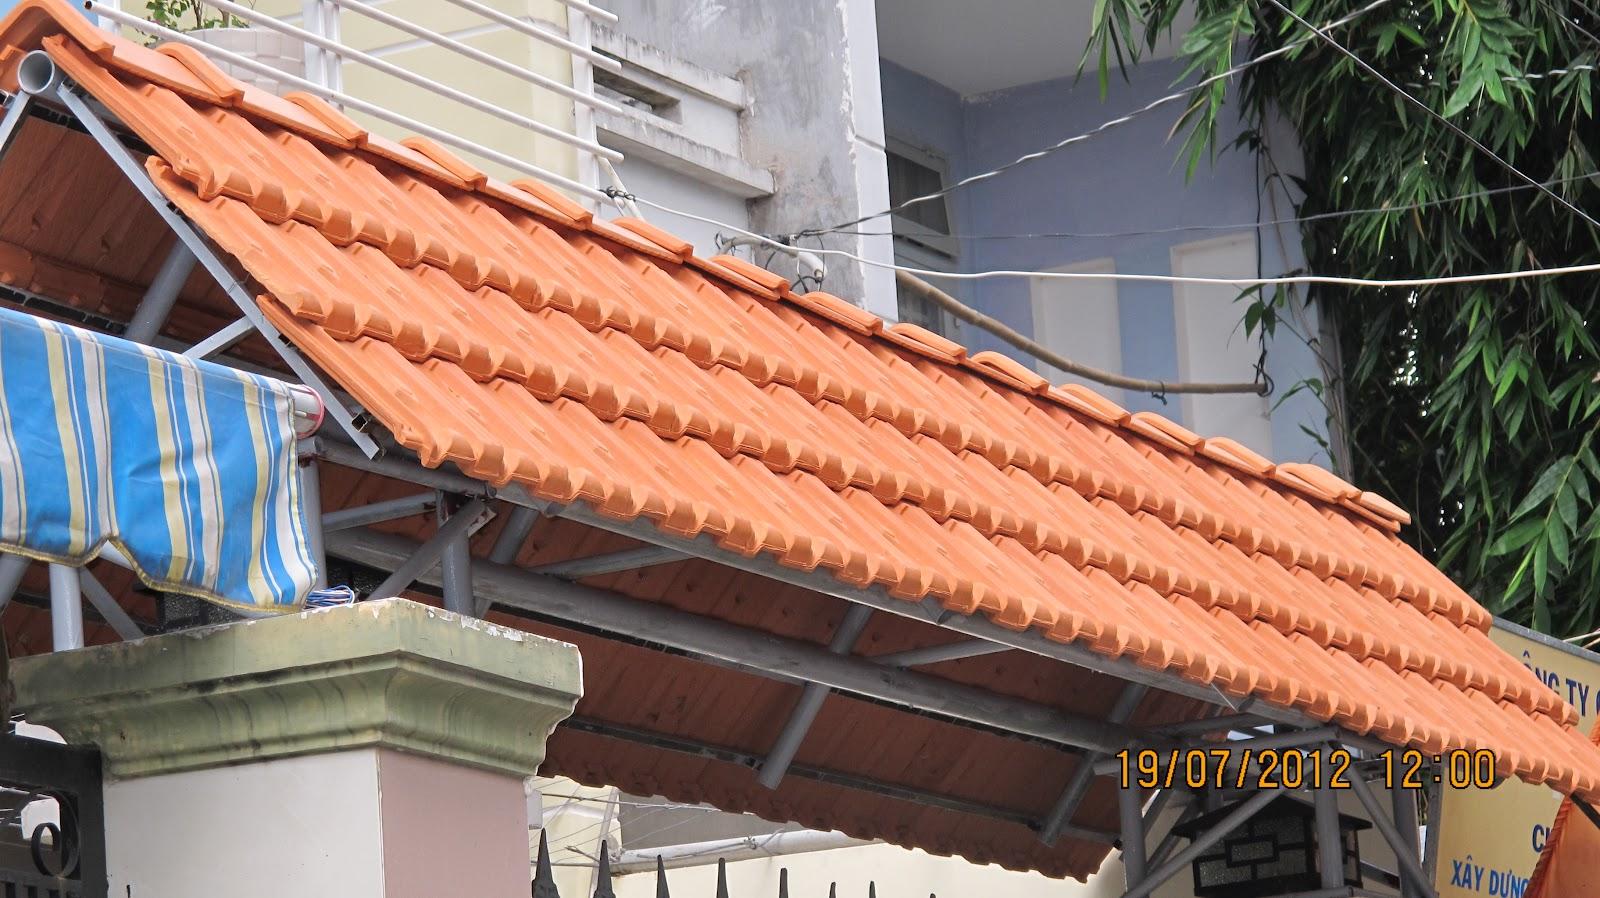 Ngói 22 Đồng Nai Phan Thanh Giản -lợp cổng biệt thự rất bề thế